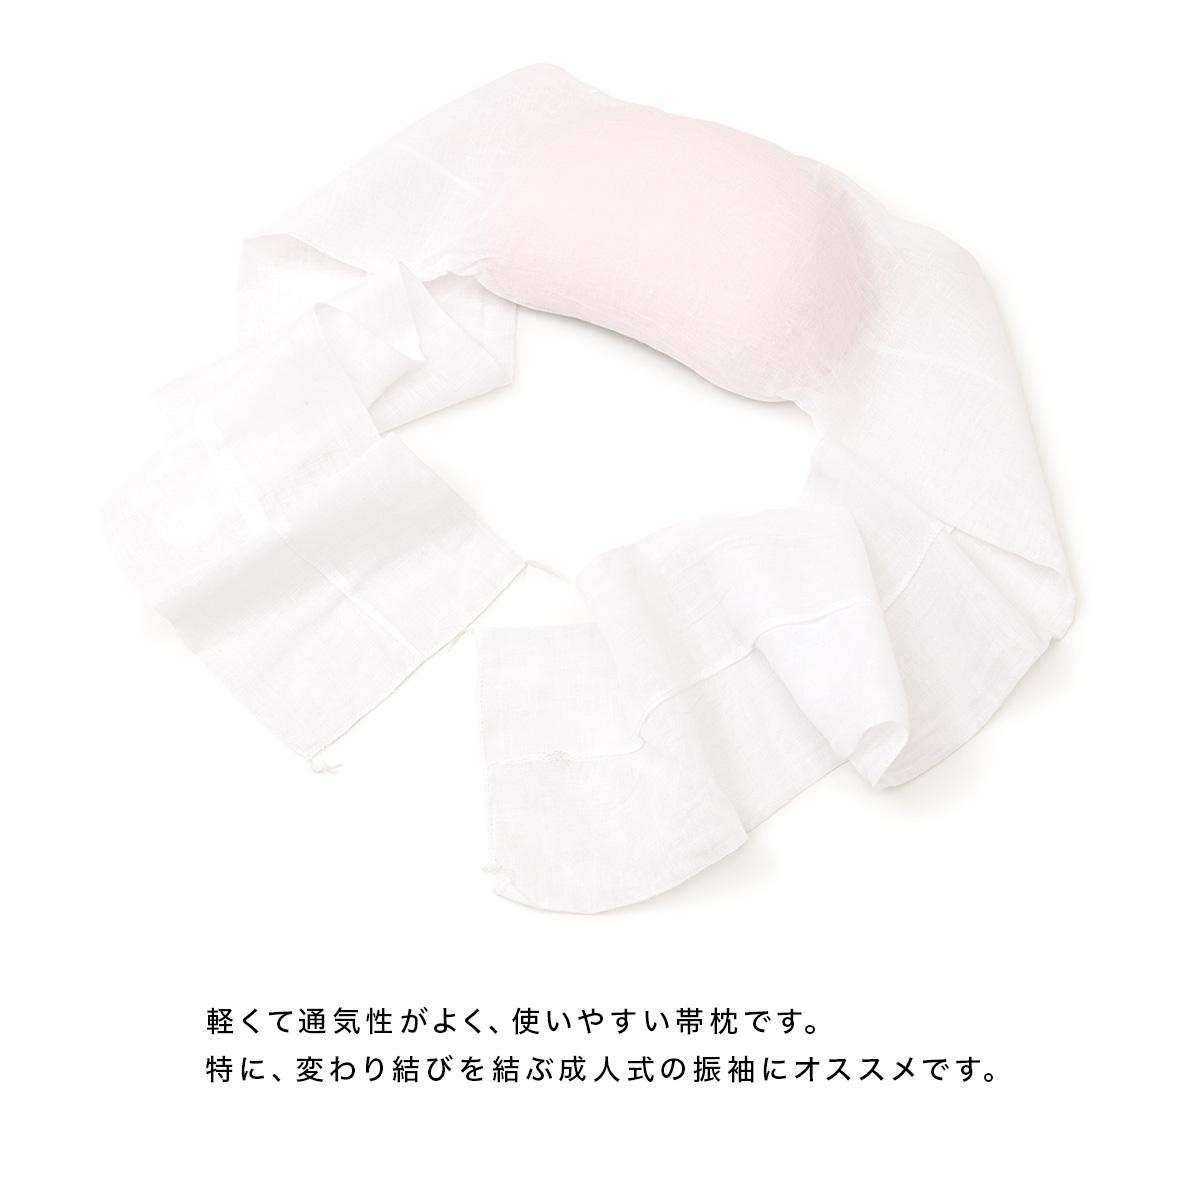 ハマグリ型の帯枕